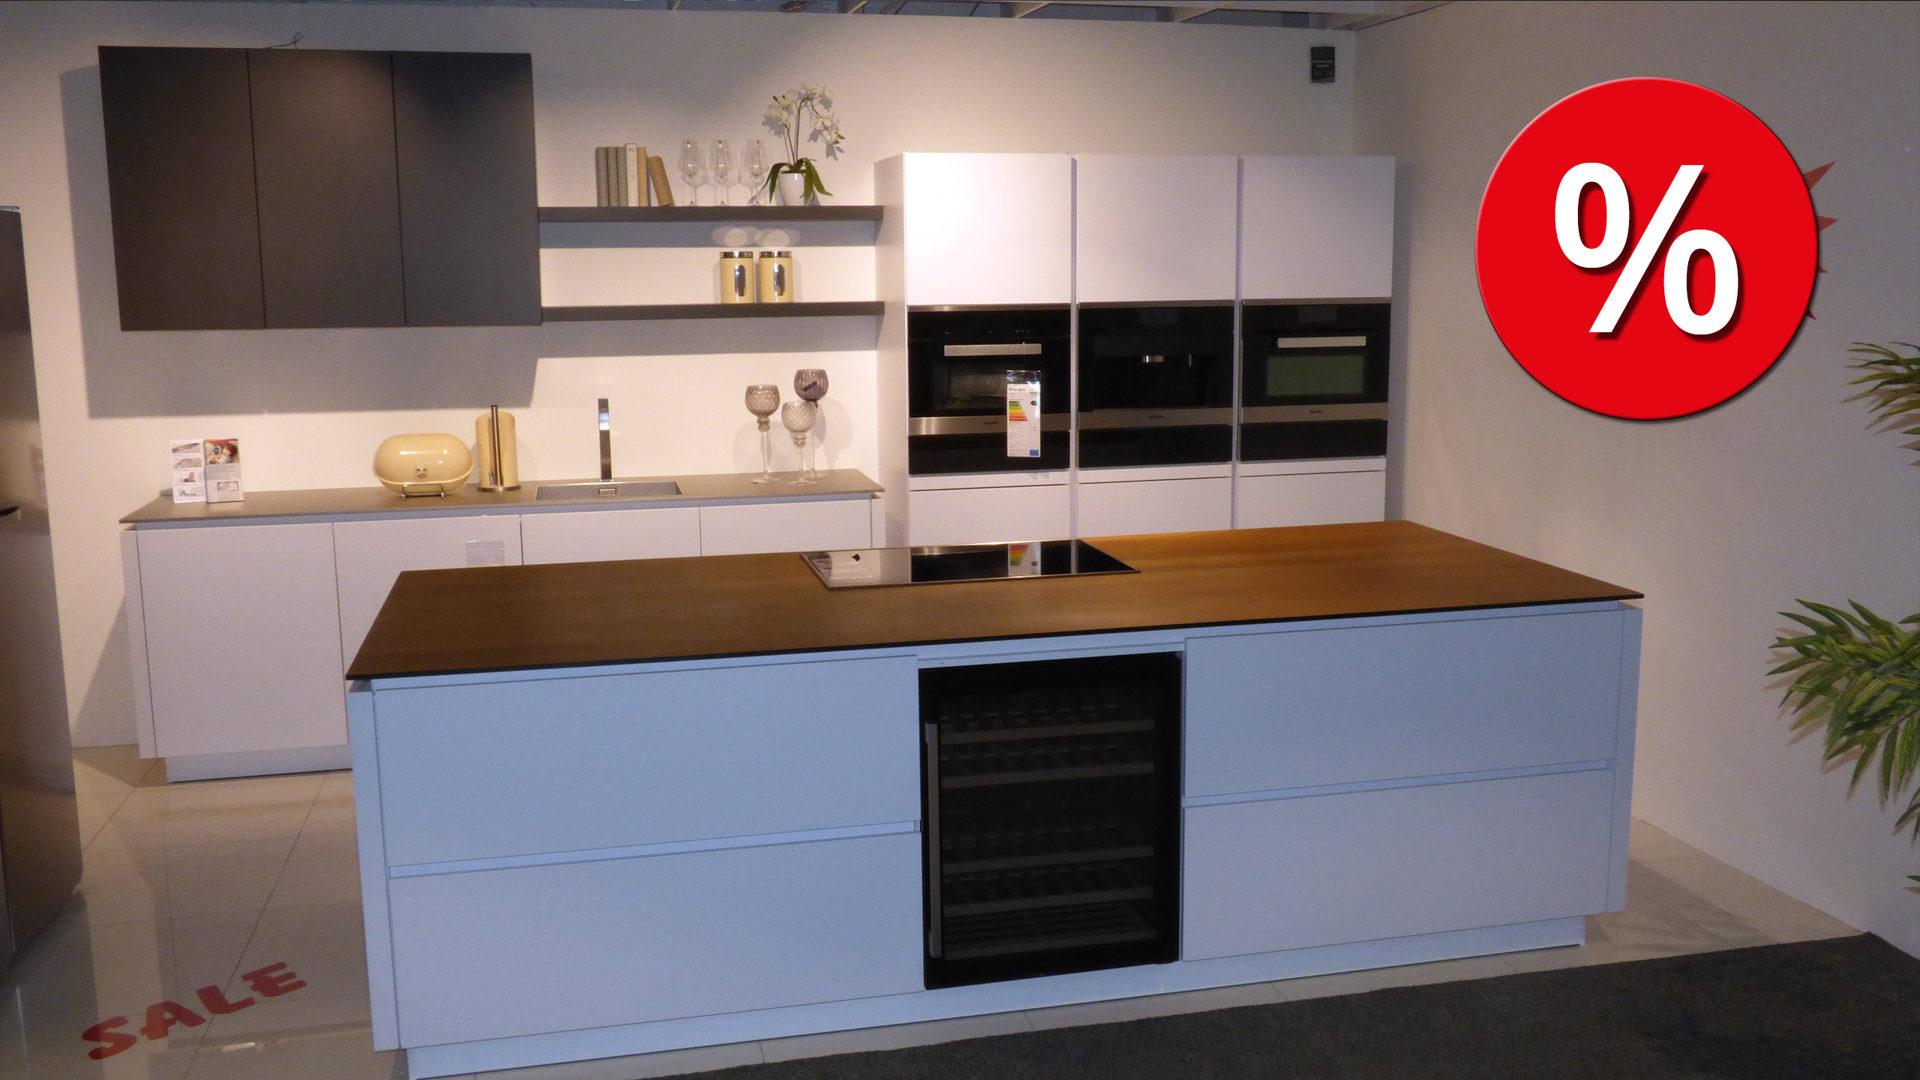 Grifflose Alno Küche Einbauküche Sund inkl. Miele E-Geräte und, Bad ...